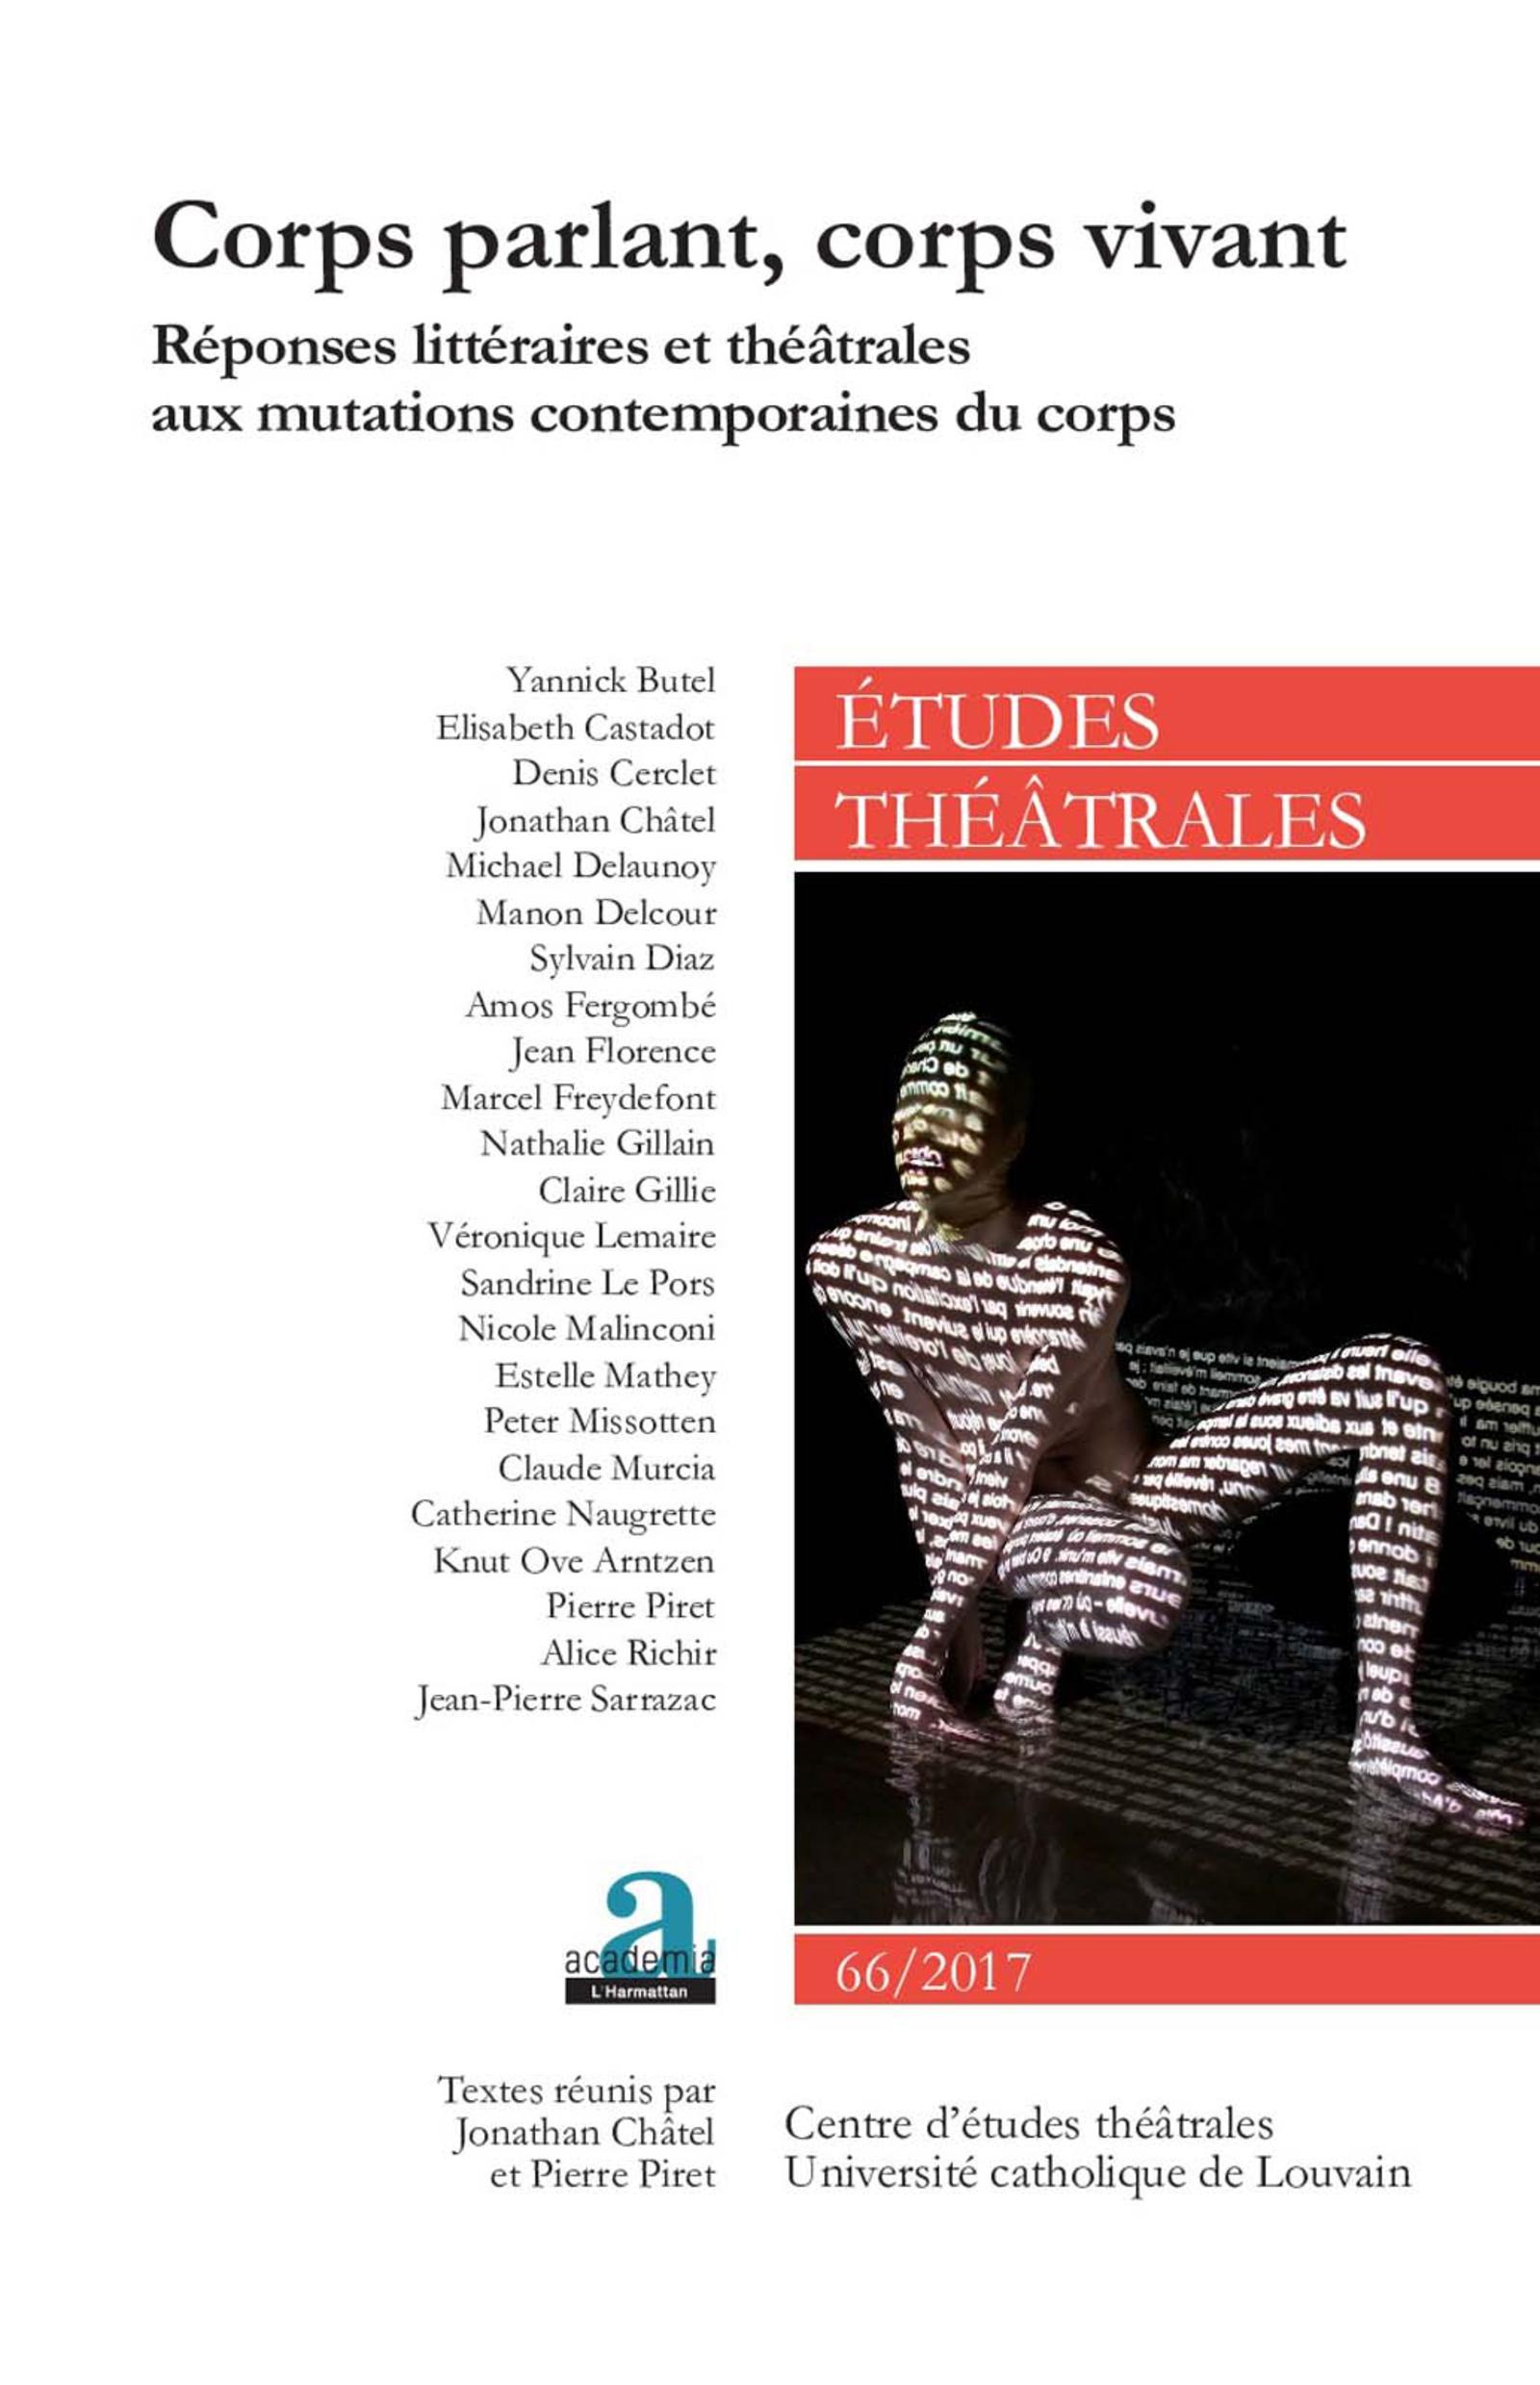 Corps parlant, corps vivant. Réponses littéraires et théâtrales aux mutations contemporaines du corps (Etudes théâtrales, n° 66, J. Châtel, P. Piret, dir.)